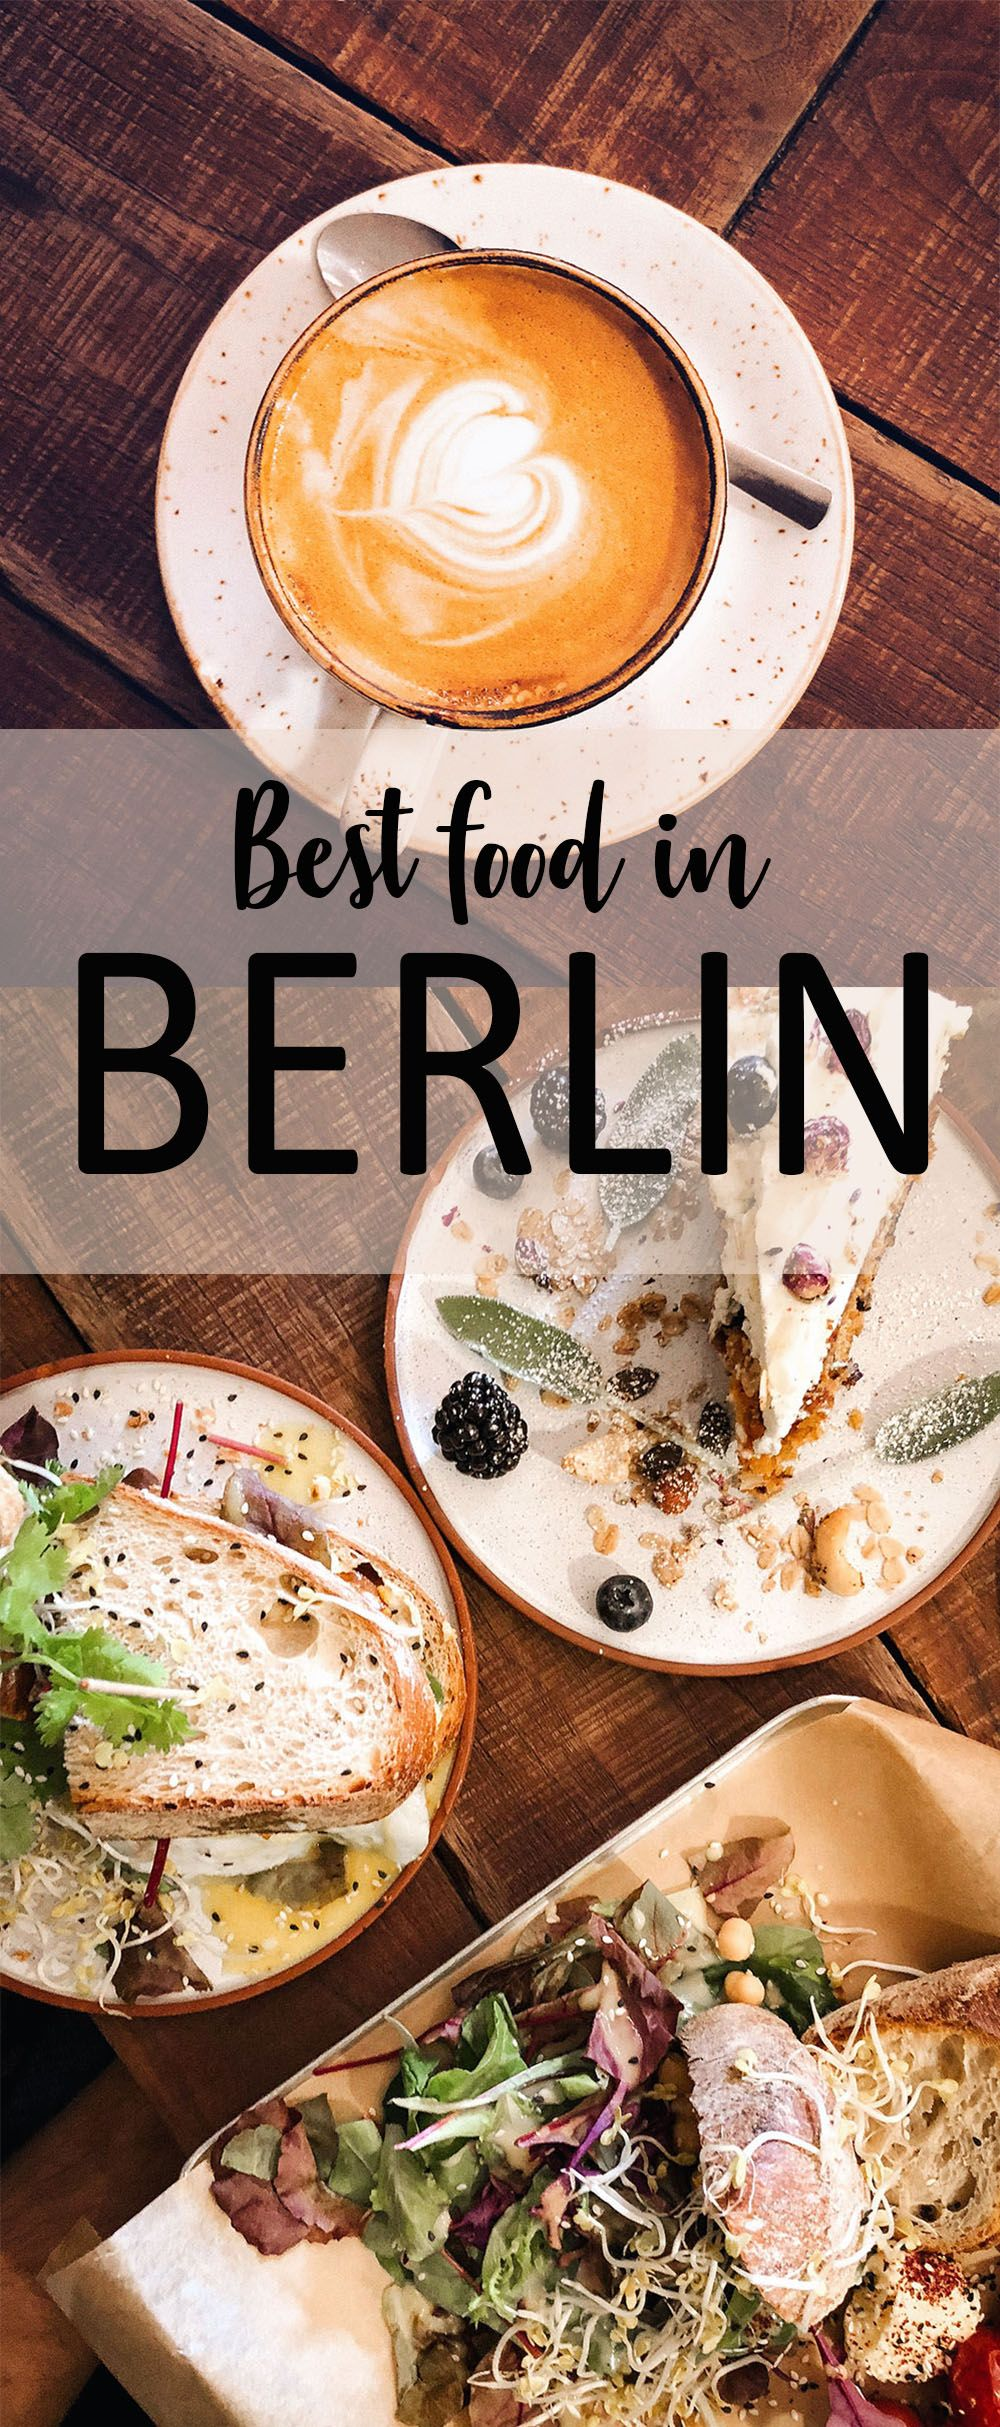 Berlin Guide Best Breakfast Brunch Fashion Spots Must See Places Berlin Food Brunch Berlin Best Breakfast